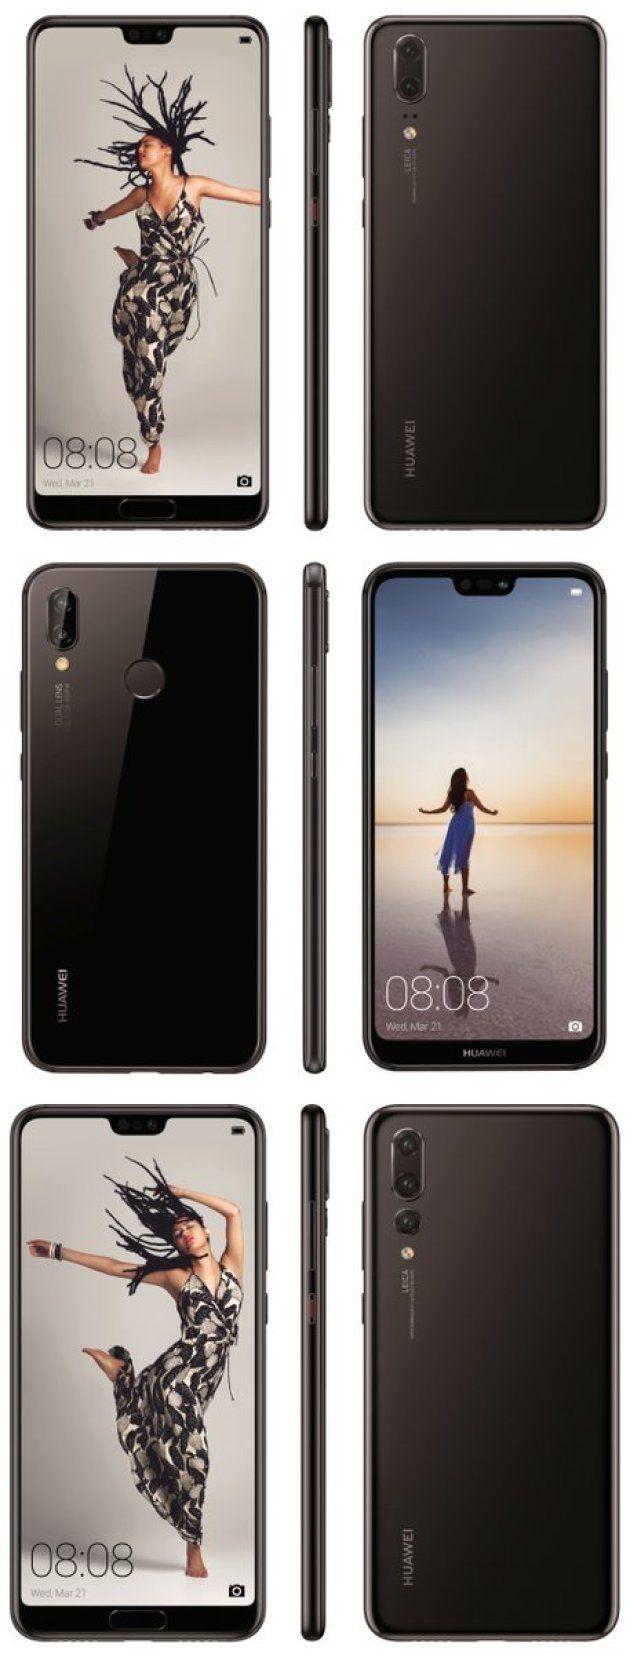 Dégradé de couleurs, trois objectifs: toutes les rumeurs sur le Huawei